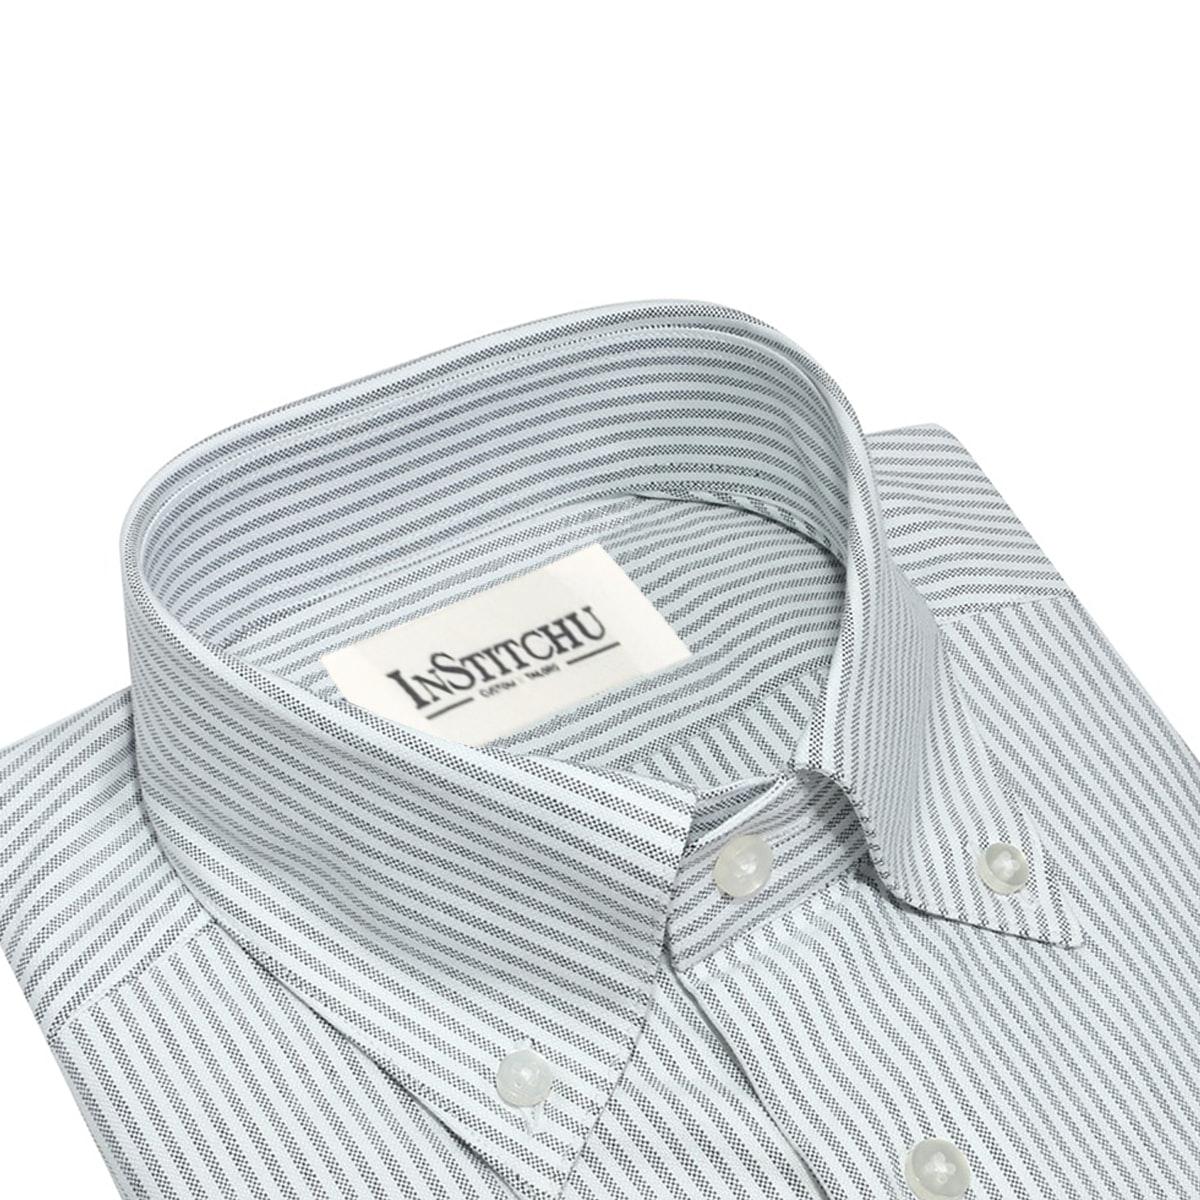 InStitchu Collection The Yallingup Black Pinstripe Shirt